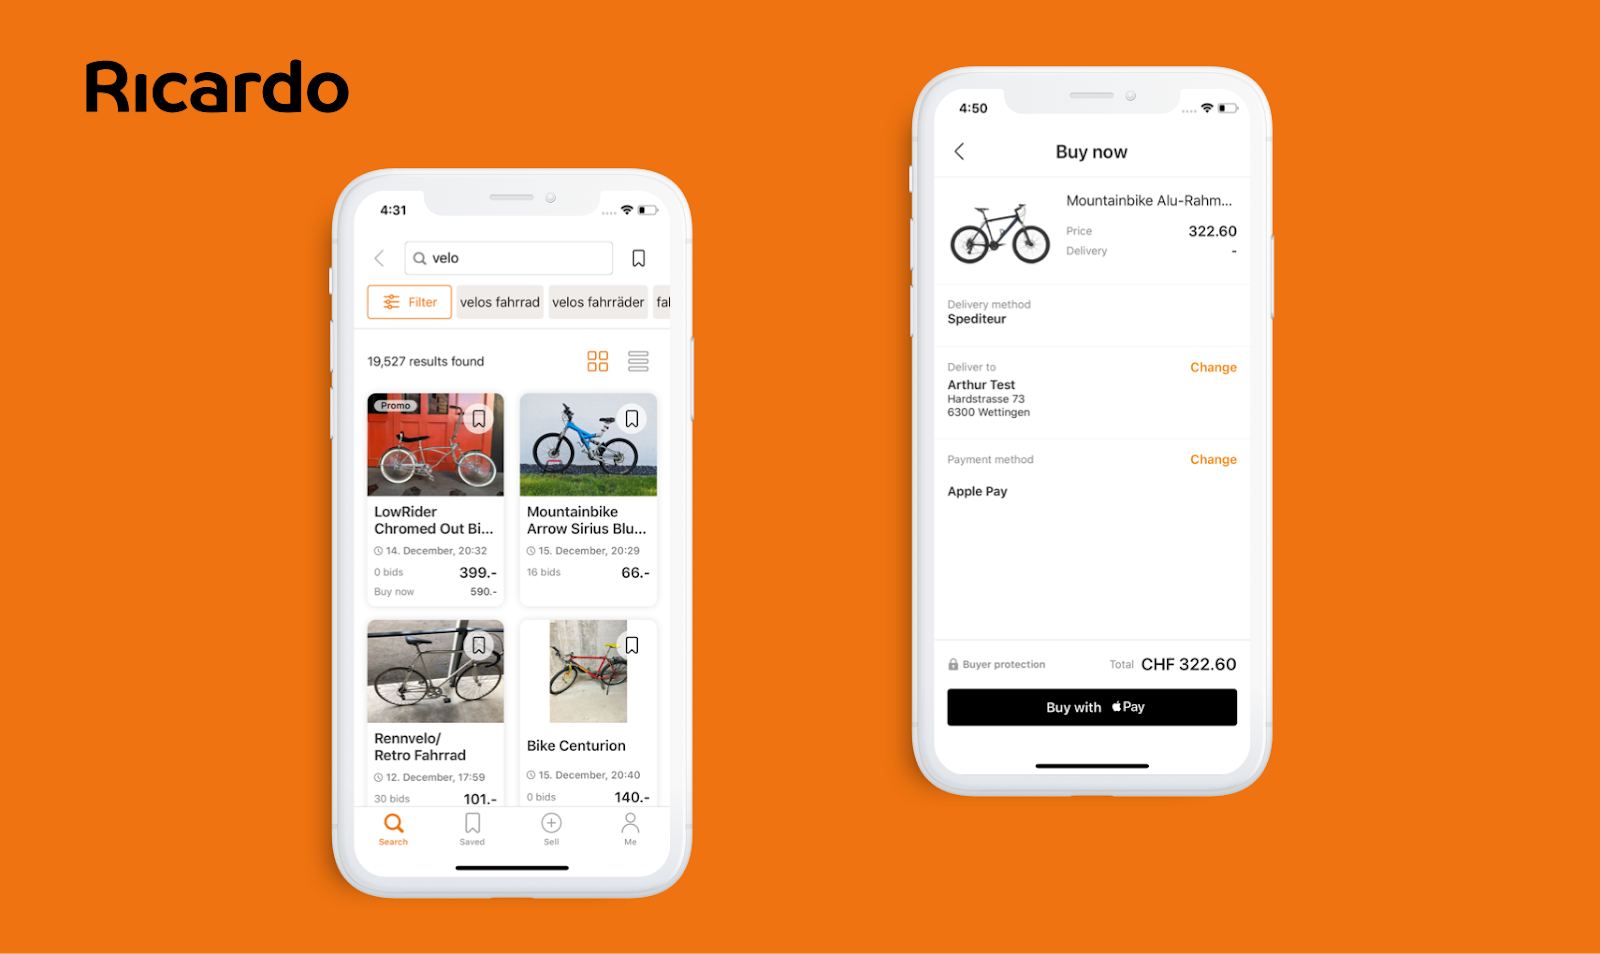 ricardo mobile commerce app